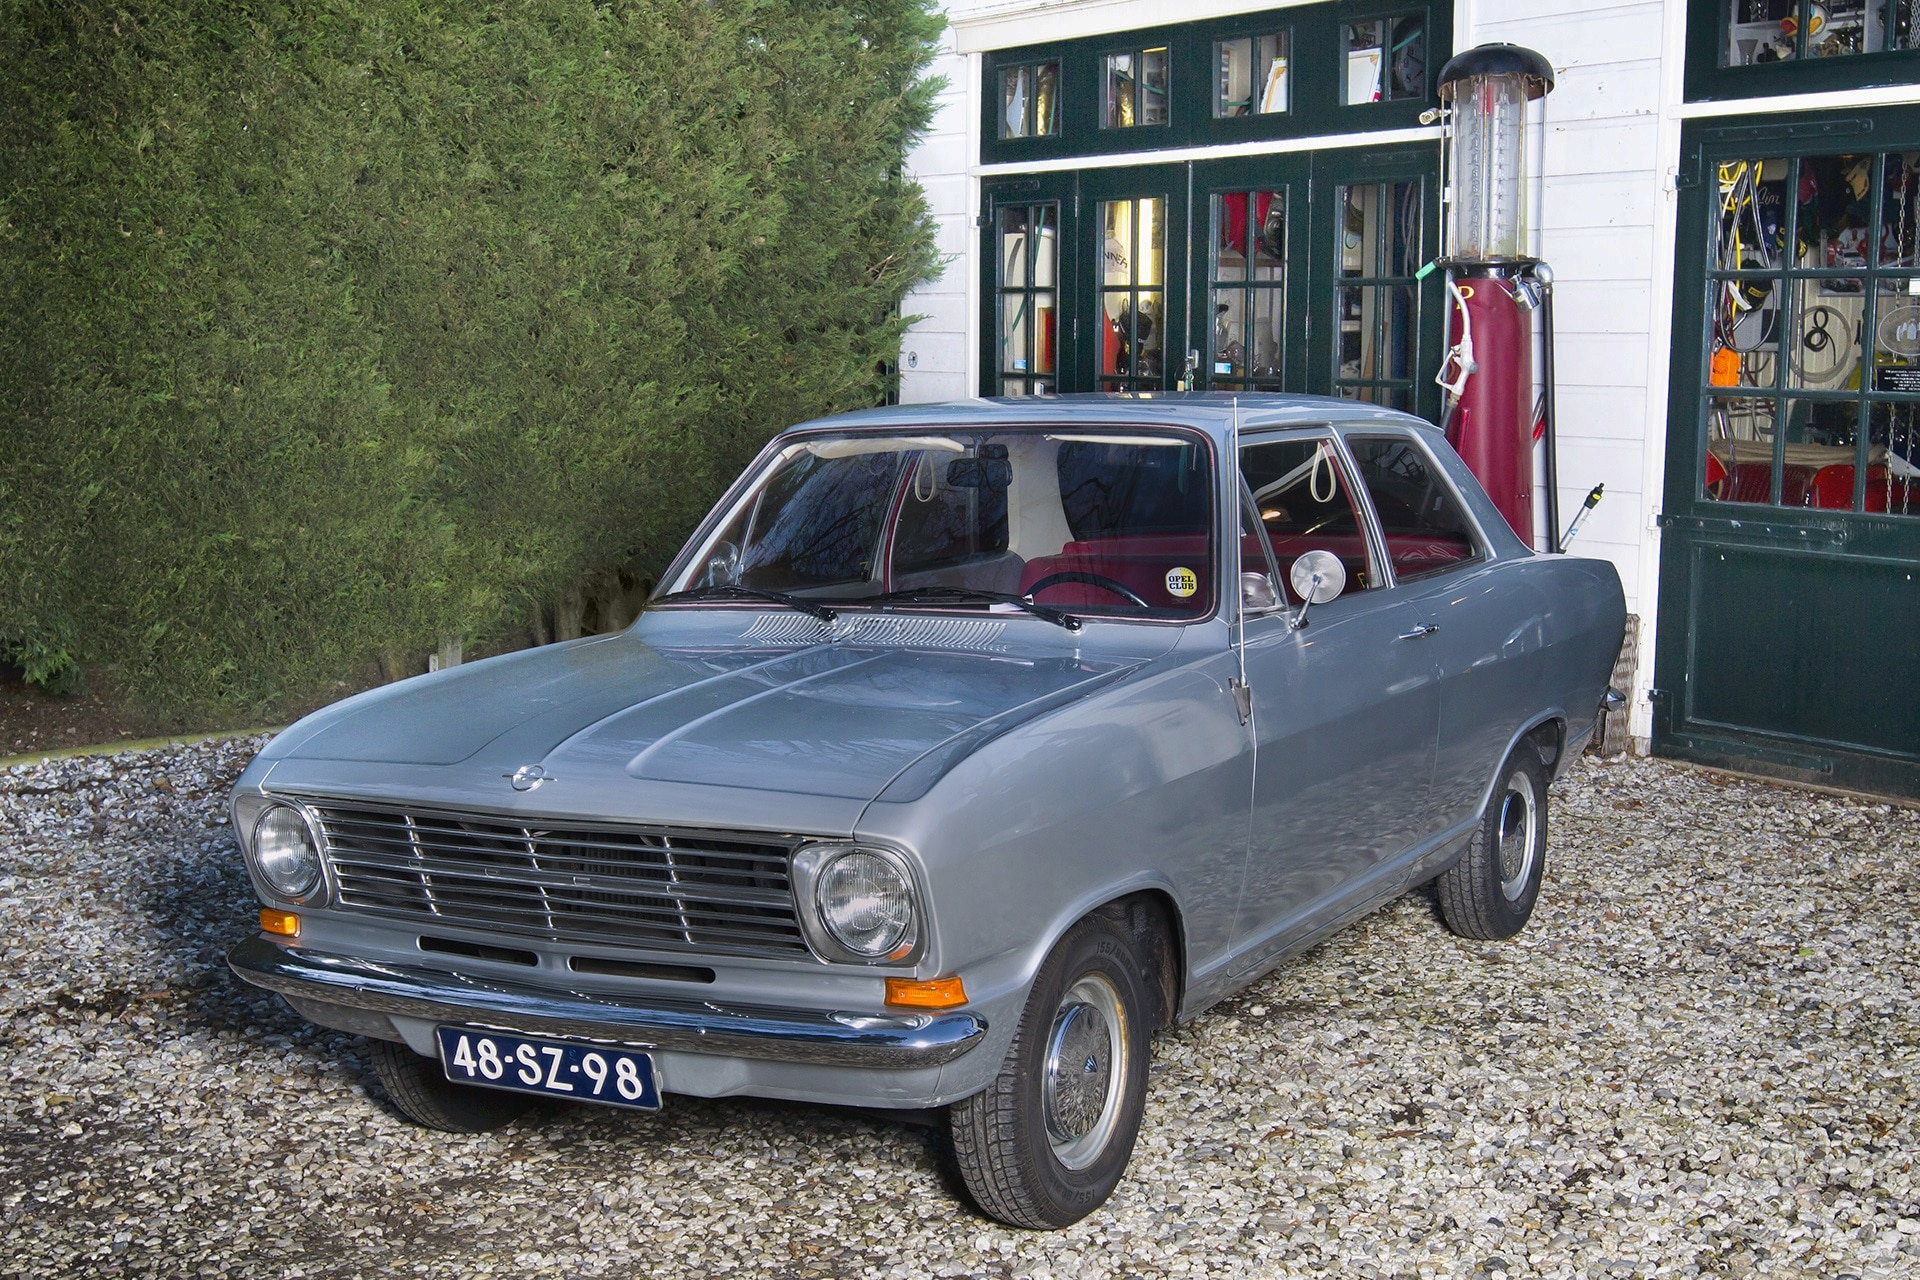 Opel Kadett B uit 1971 staat klaar voor een klassiekerrit